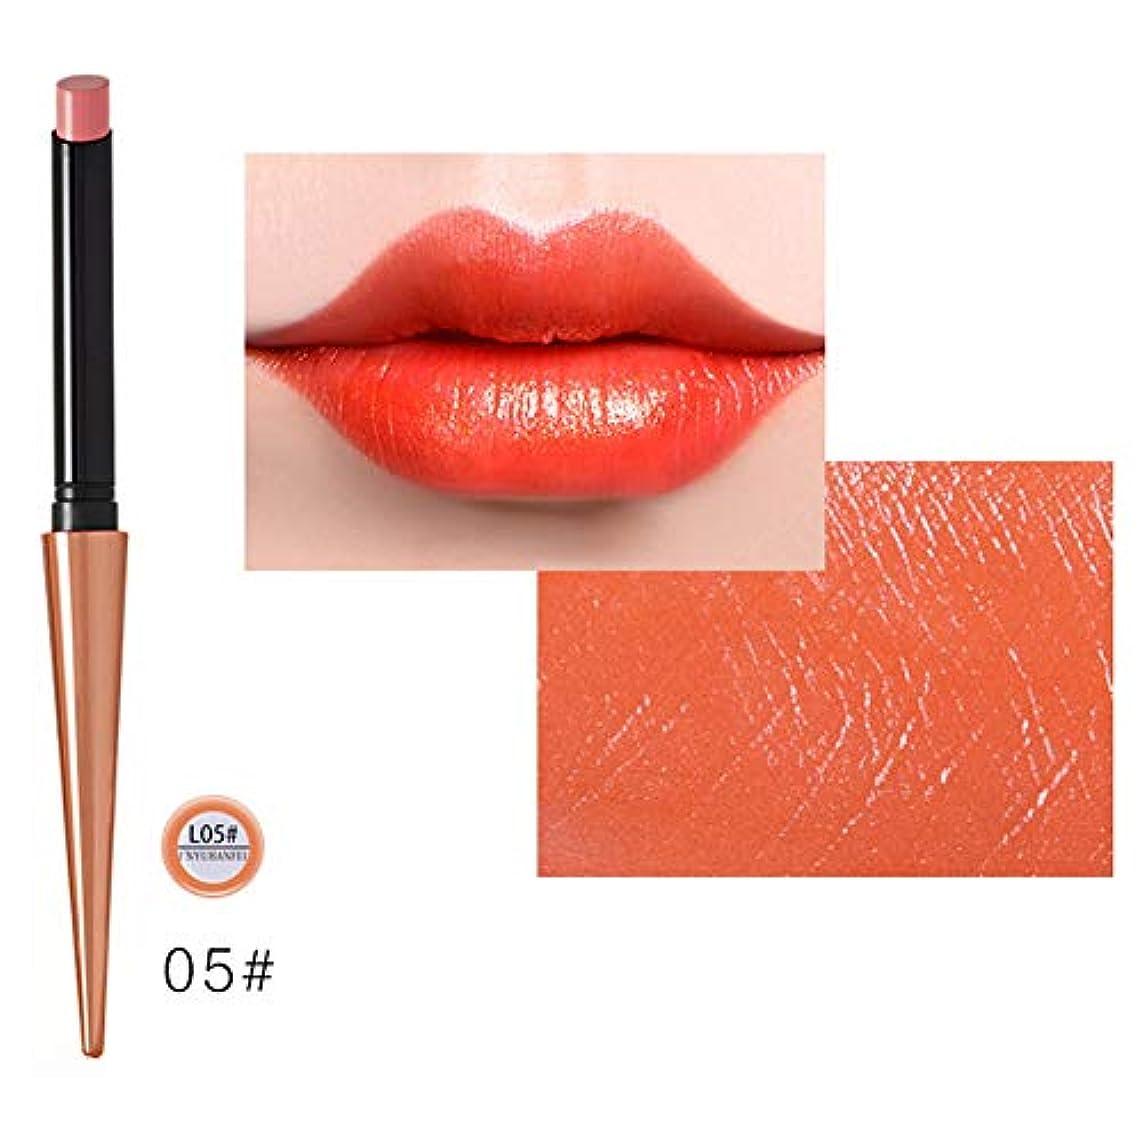 問題弁護人西口紅 リップマット リップティント リップスティック リップグロス つや消し 防水 長続き 唇の化粧品 化粧品 10色 Cutelove